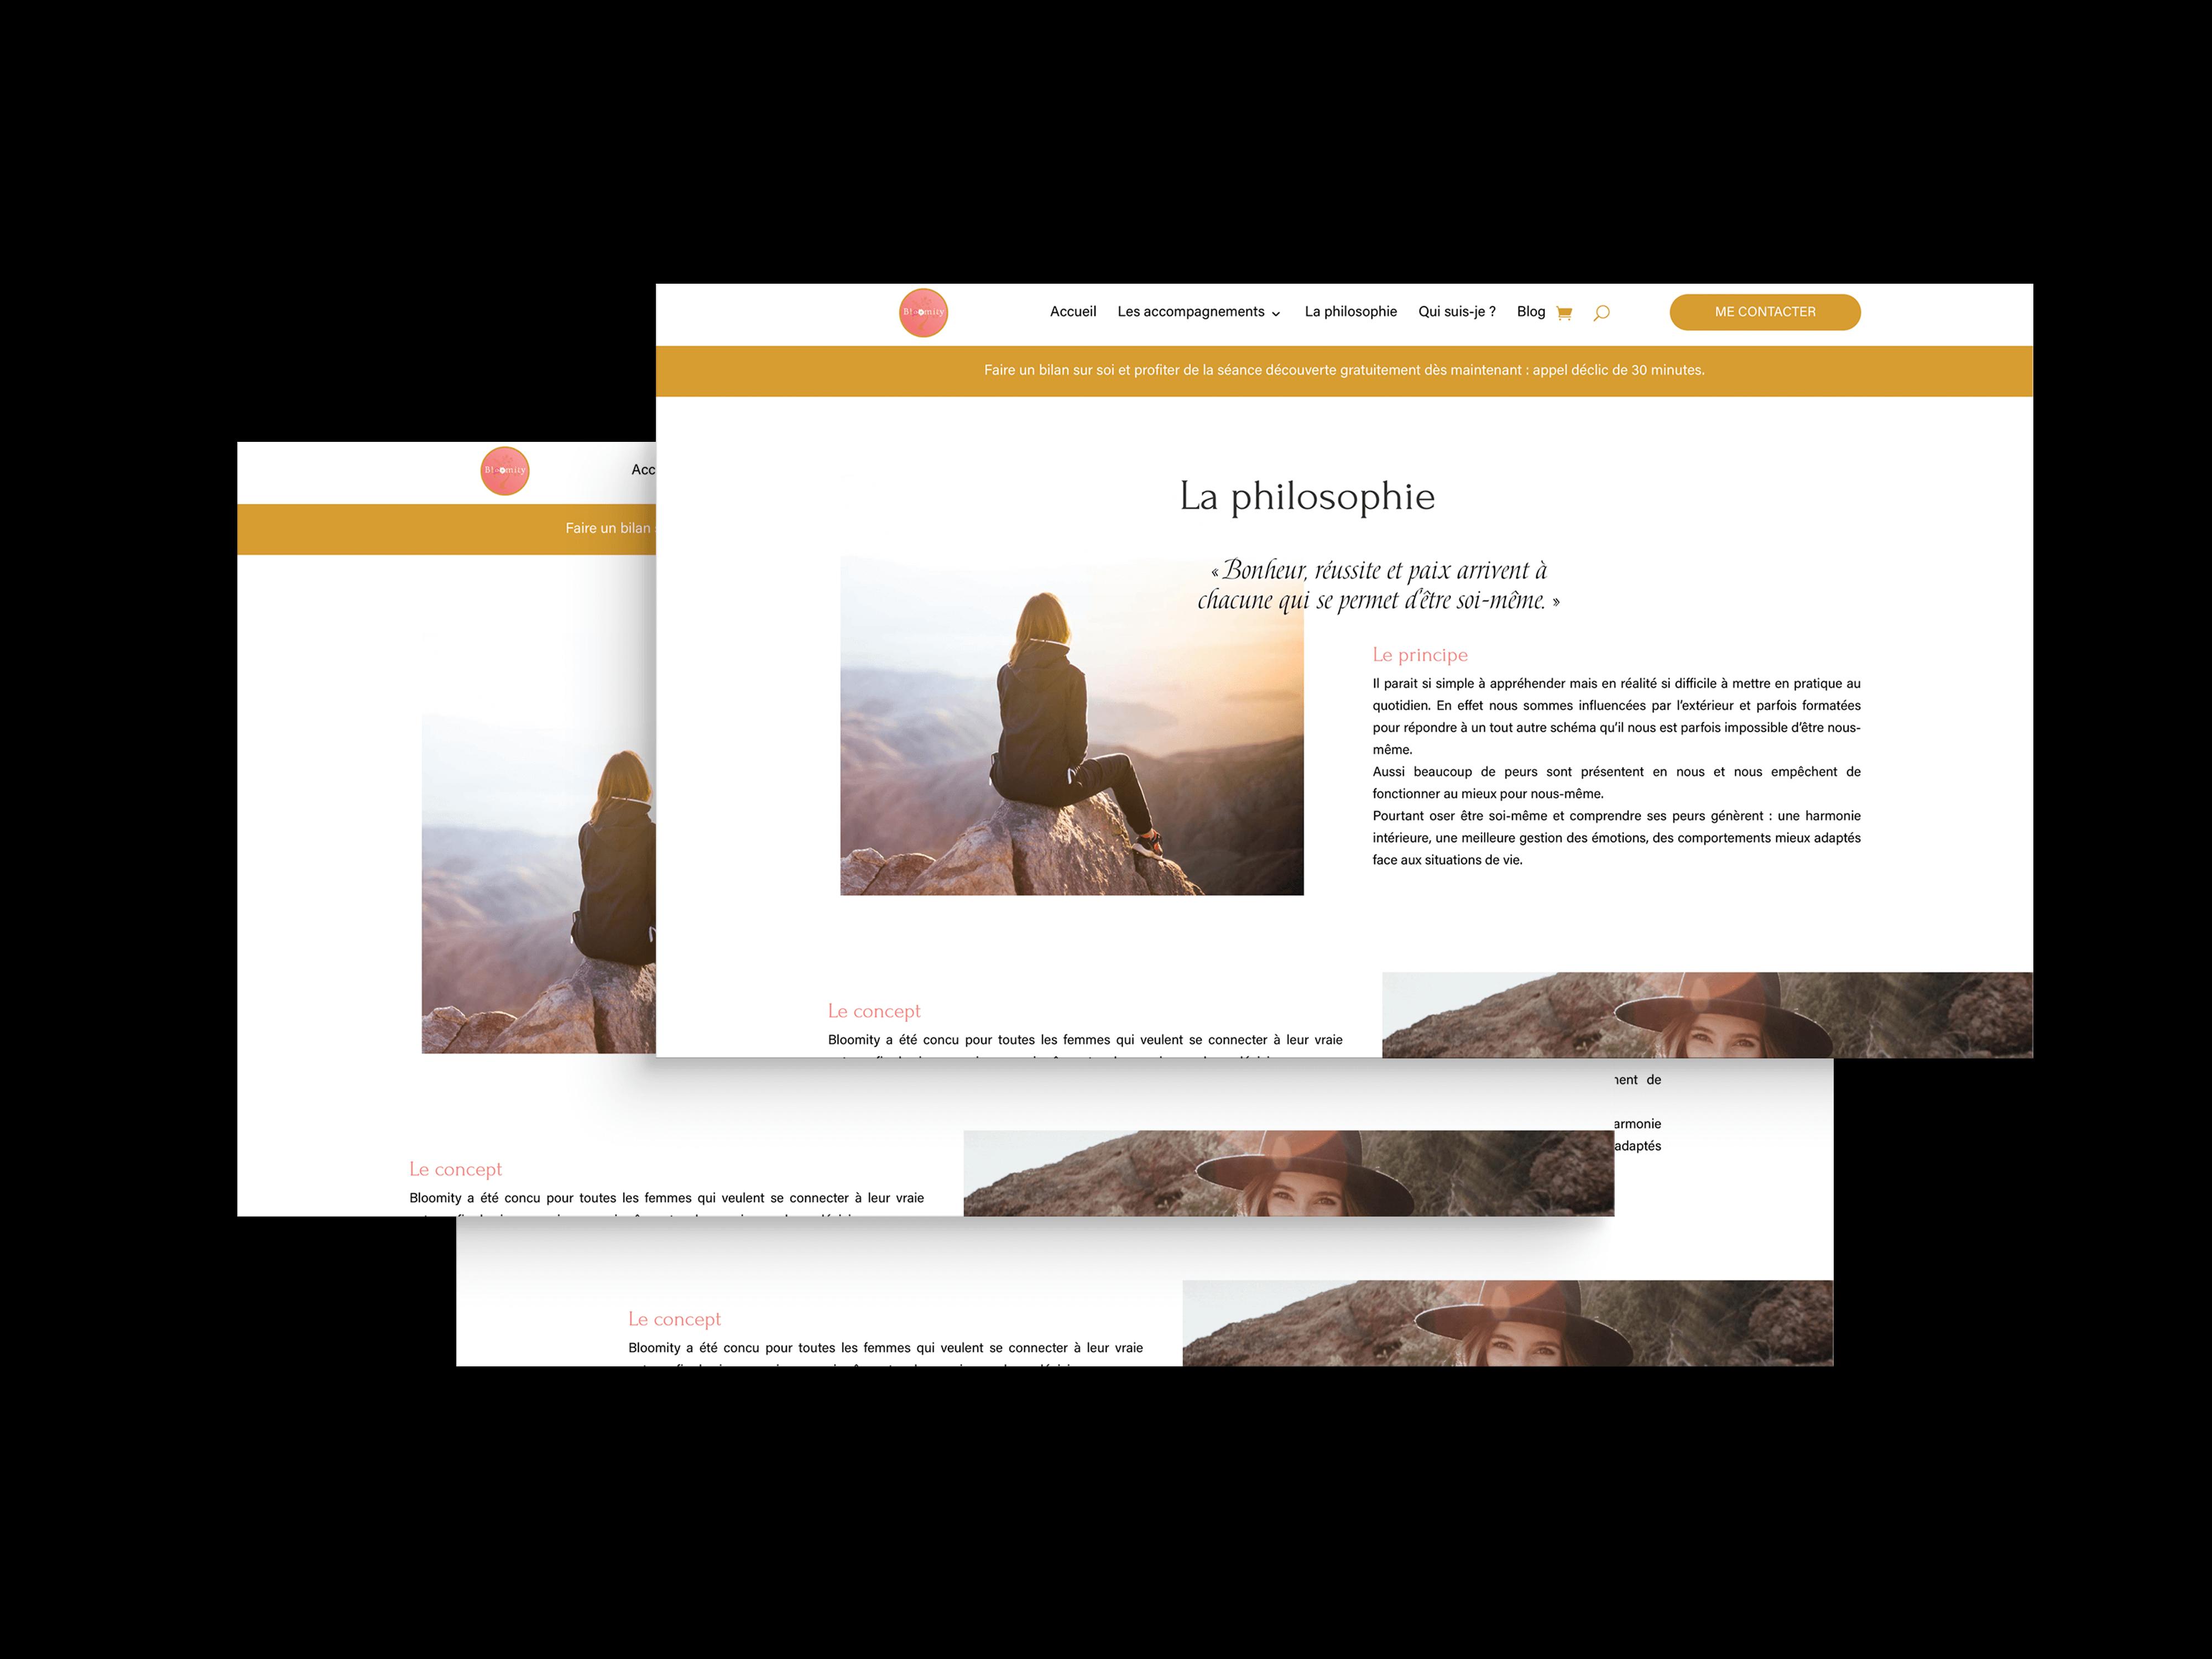 """La page """"La philosophie"""" du site internet Bloomity."""